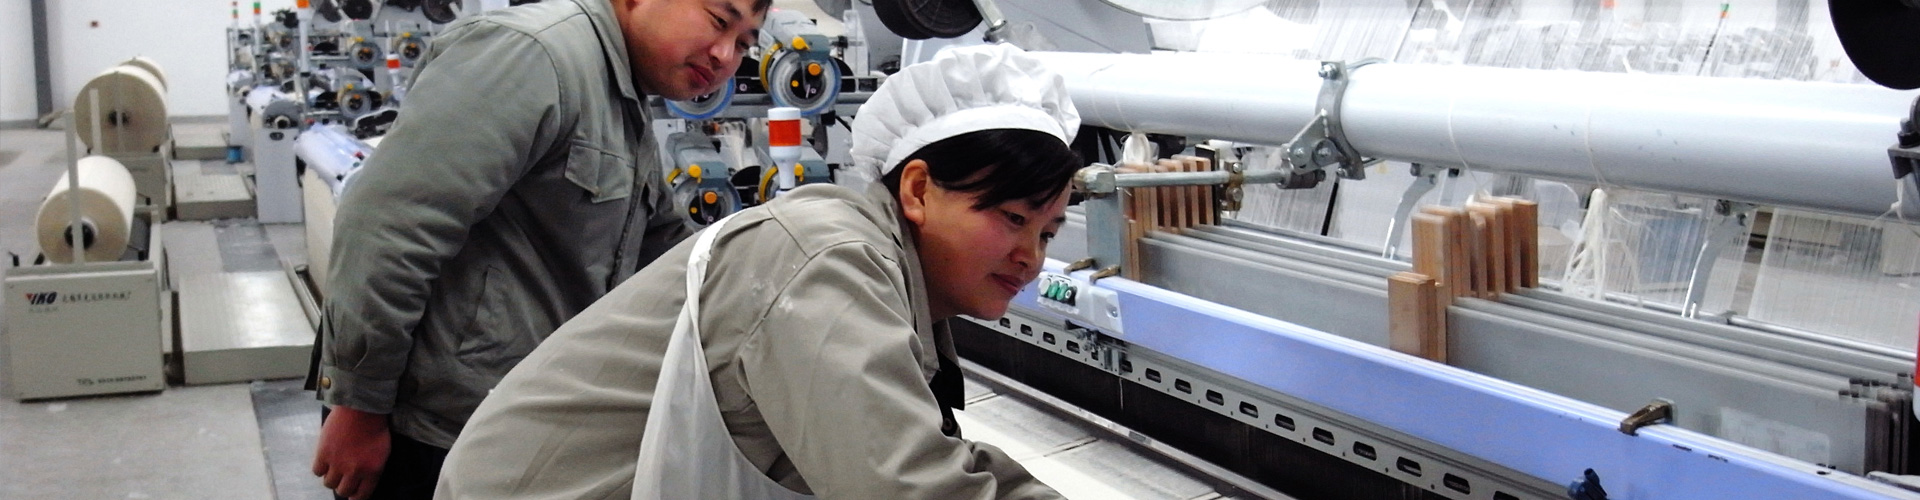 意大利產VAMATEX先進織機生產場景